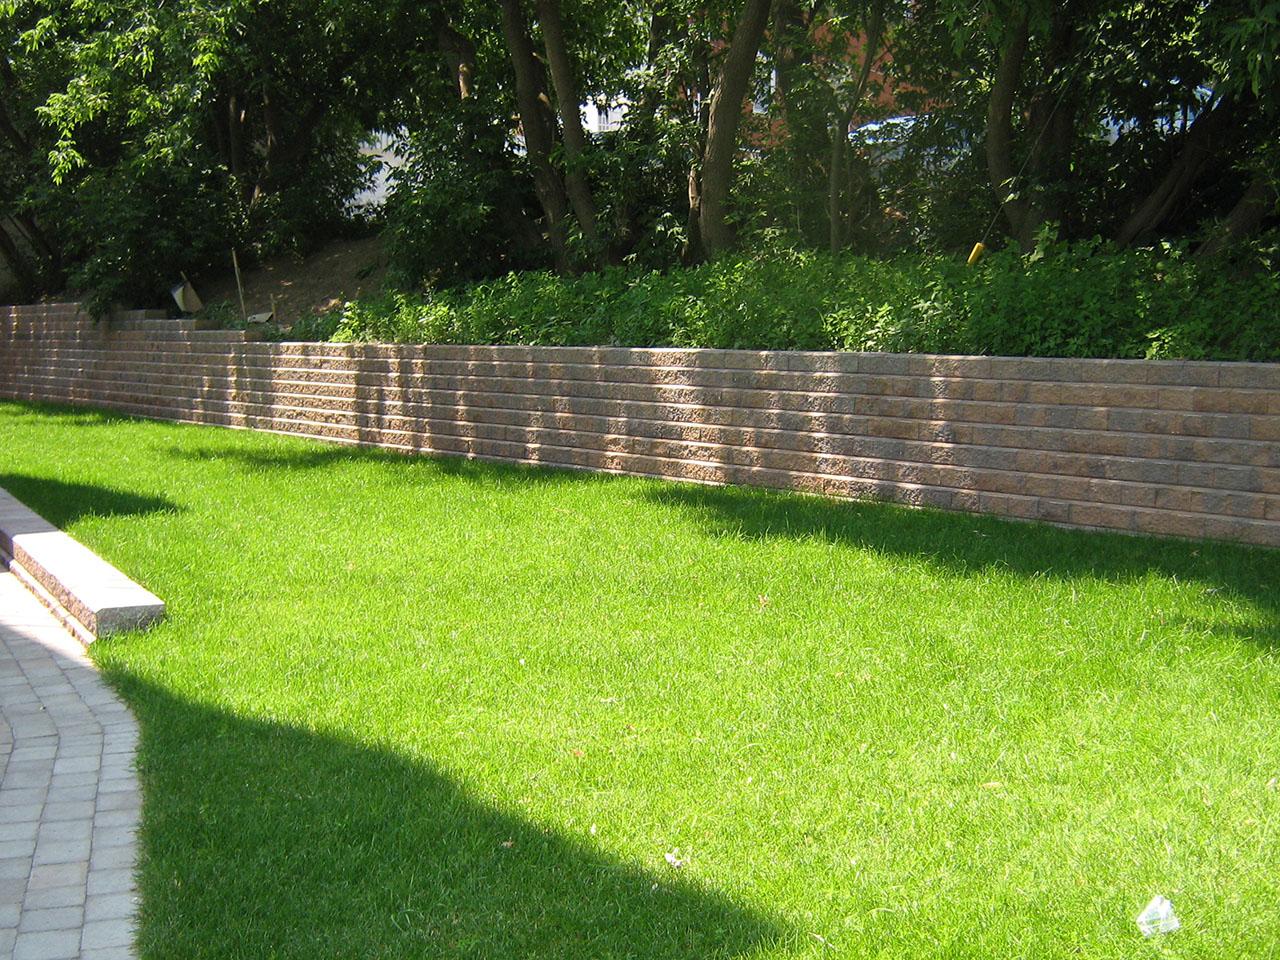 Mur de soutènement example